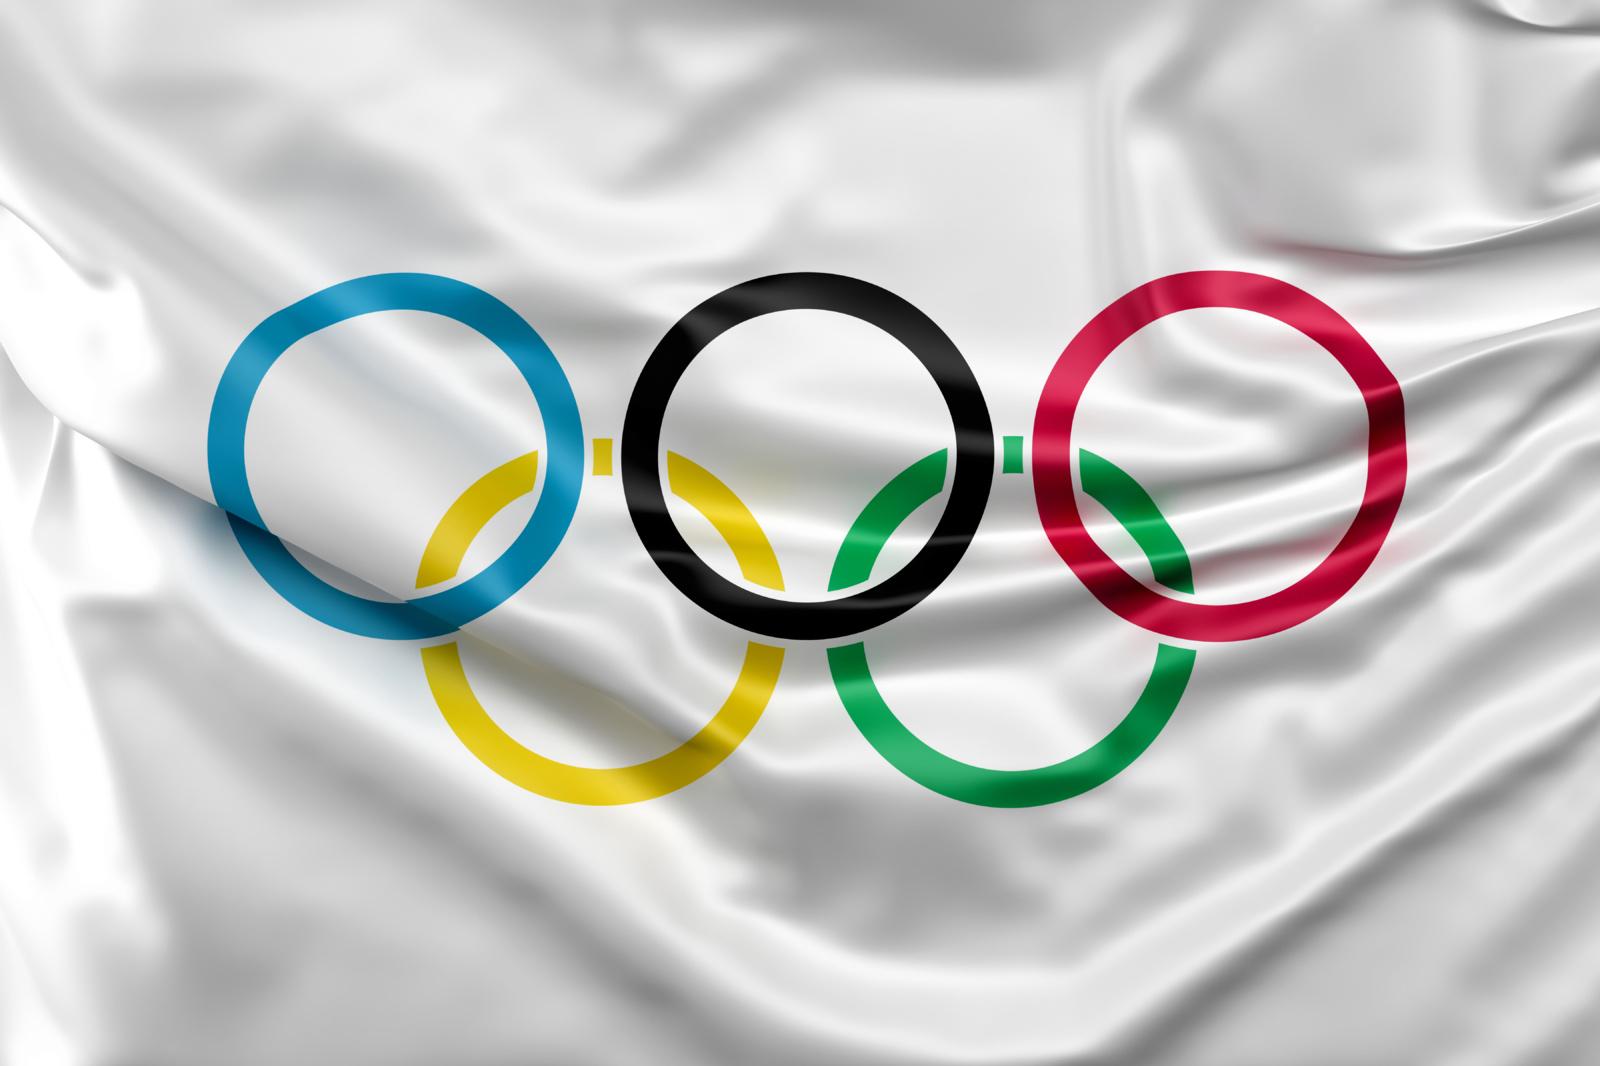 Olimpinės ugnies įžiebimo ceremonija dėl koronaviruso vyks be žiūrovų